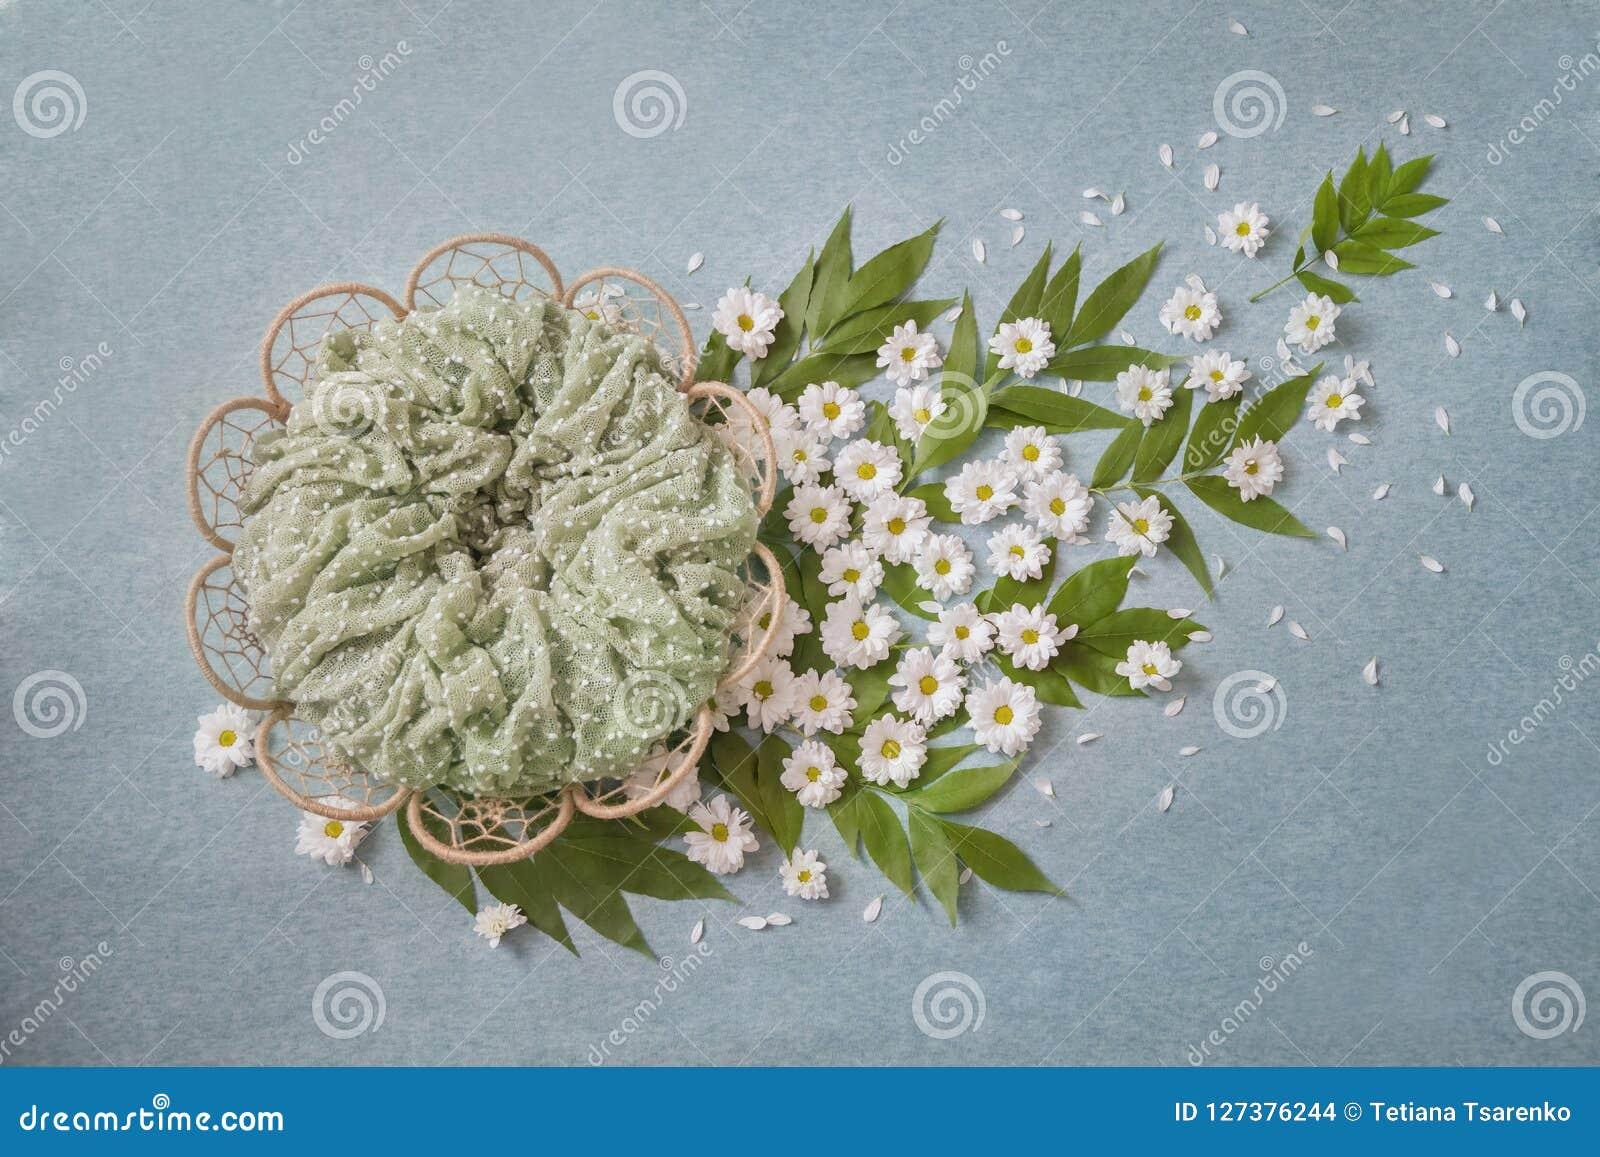 Kosz w postaci kwiatu, białe stokrotki trenuje z zielonymi liśćmi, turkusowy tło